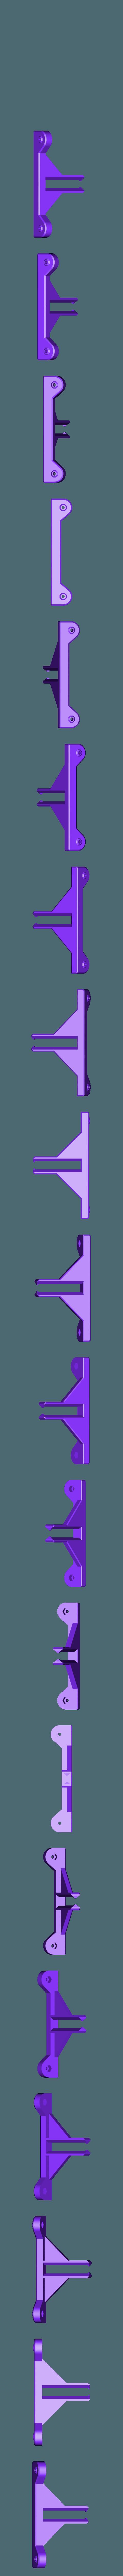 spool_holder_B.stl Télécharger fichier STL gratuit Porte-bobine réglable en largeur • Modèle pour impression 3D, dasaki